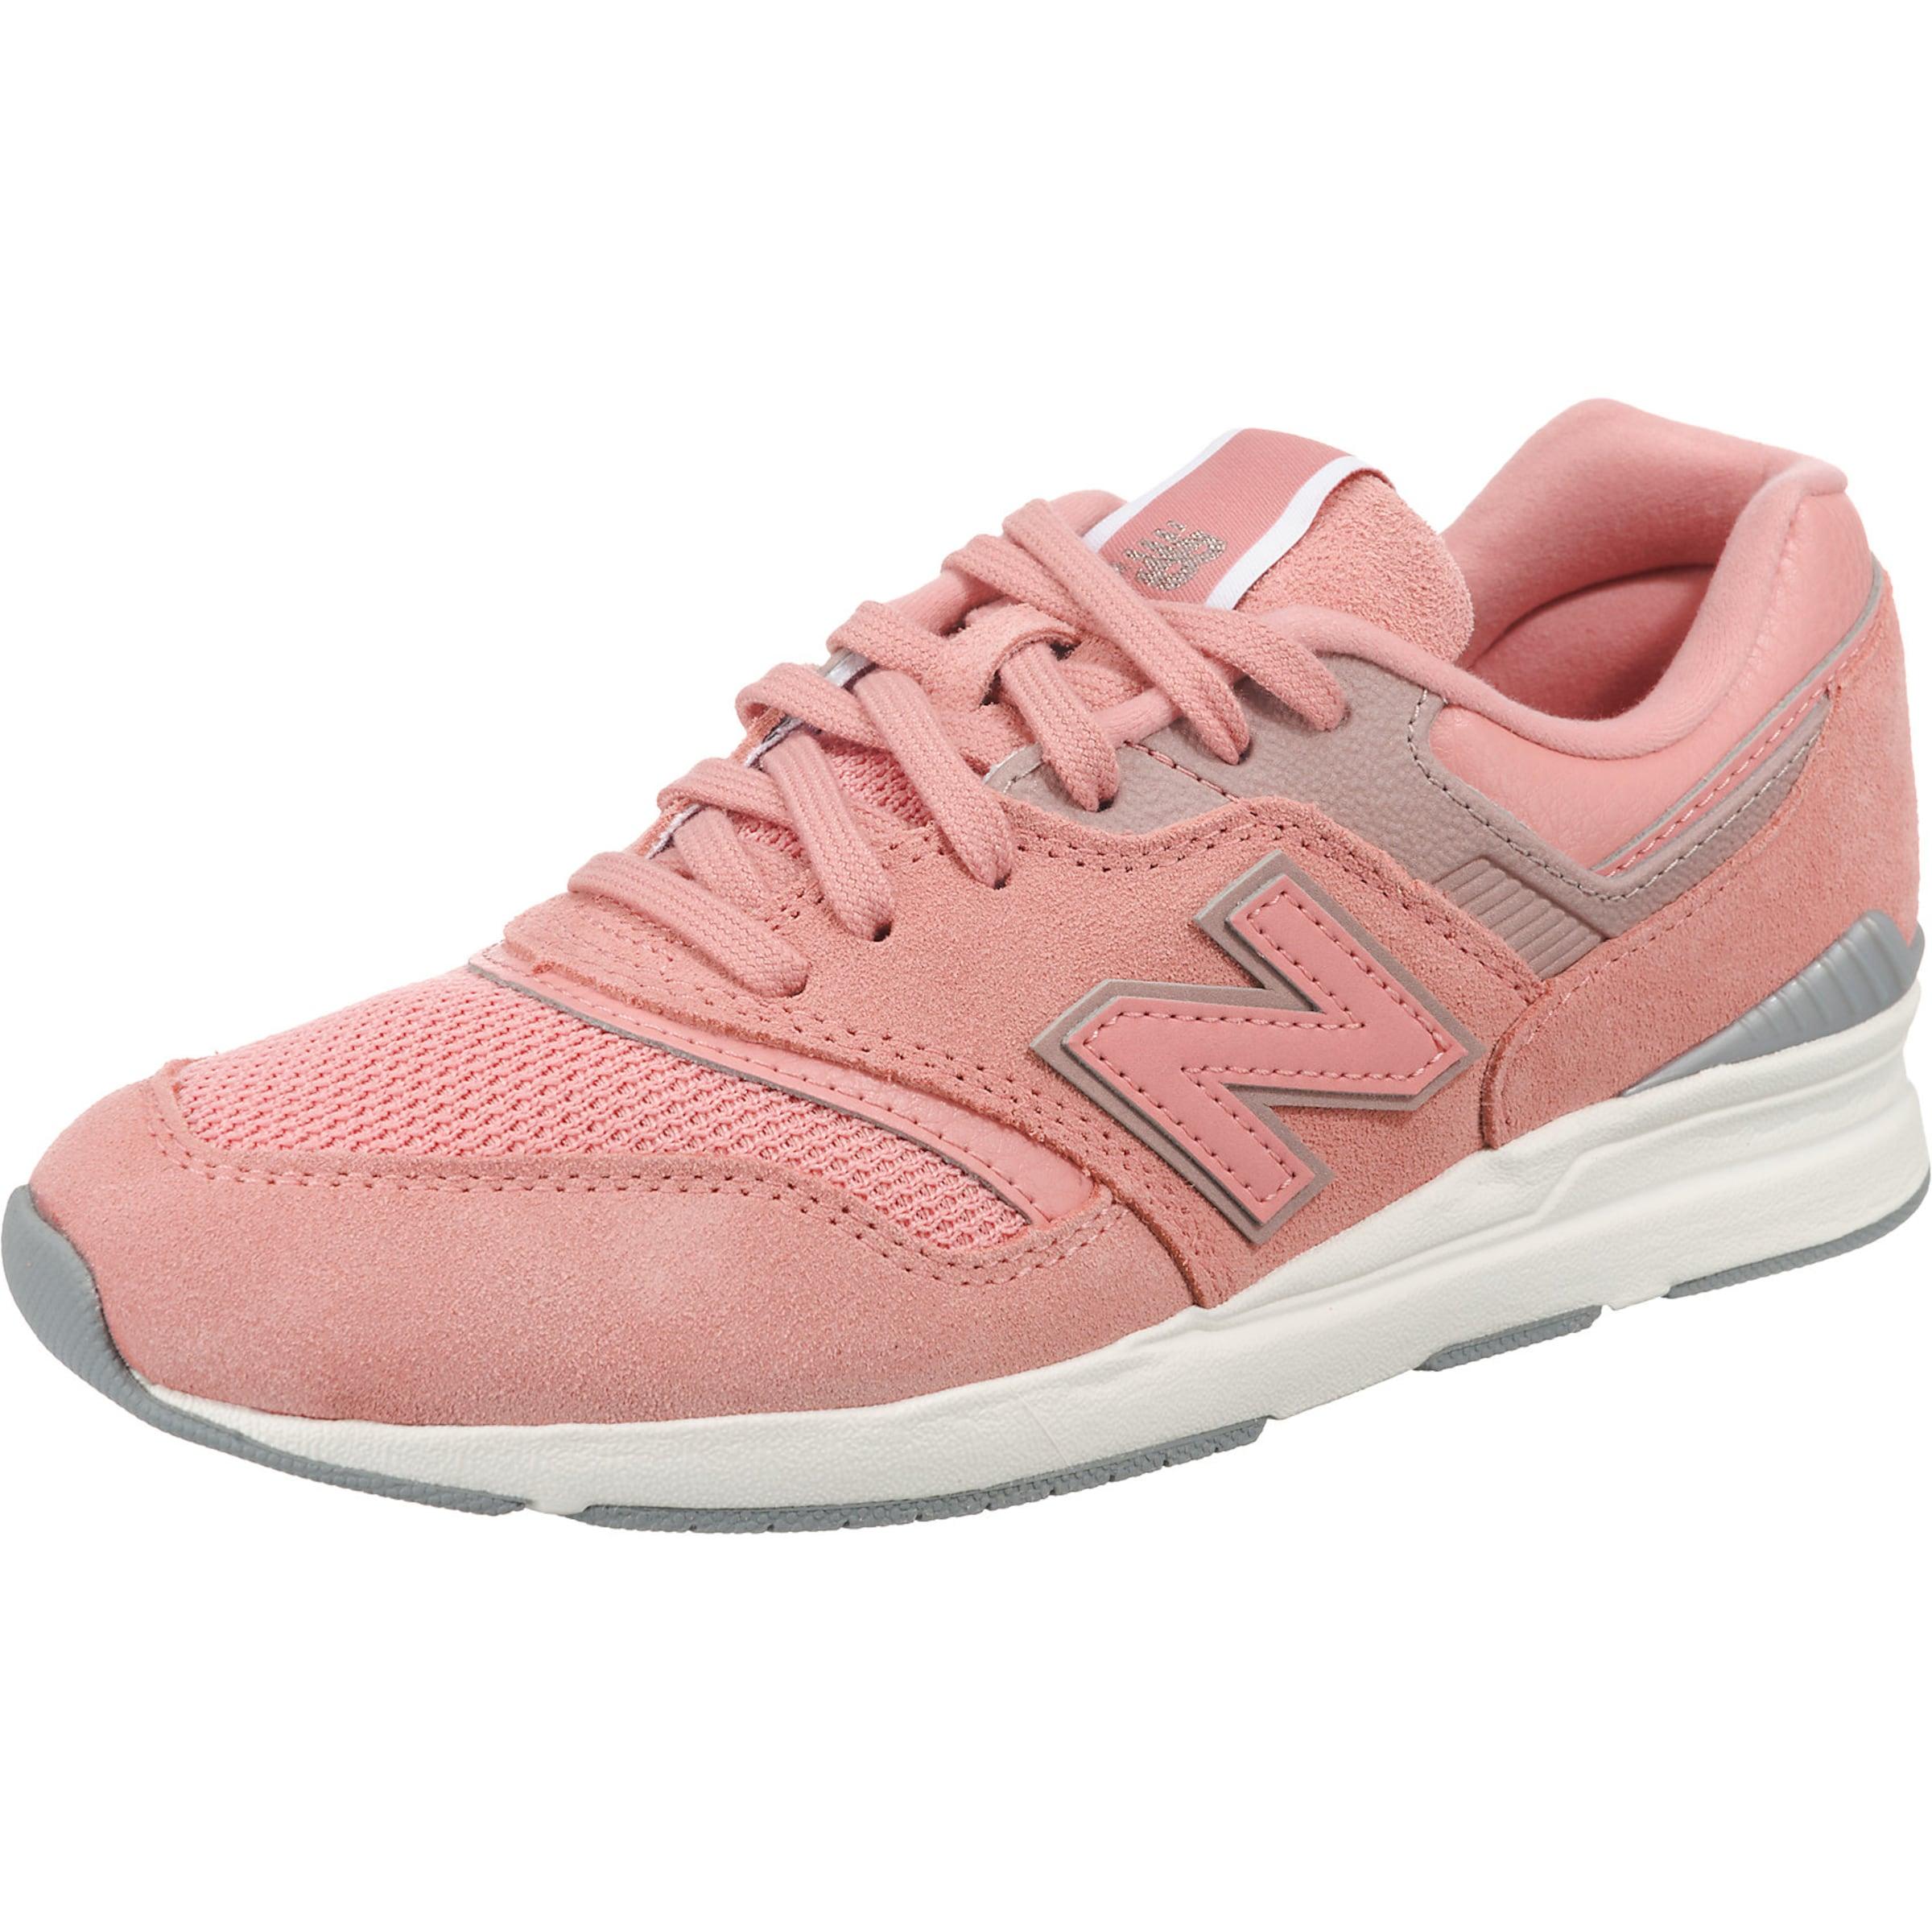 new balance Sneaker WL697 billige Verschleißfeste billige WL697 Schuhe 6b3fc7